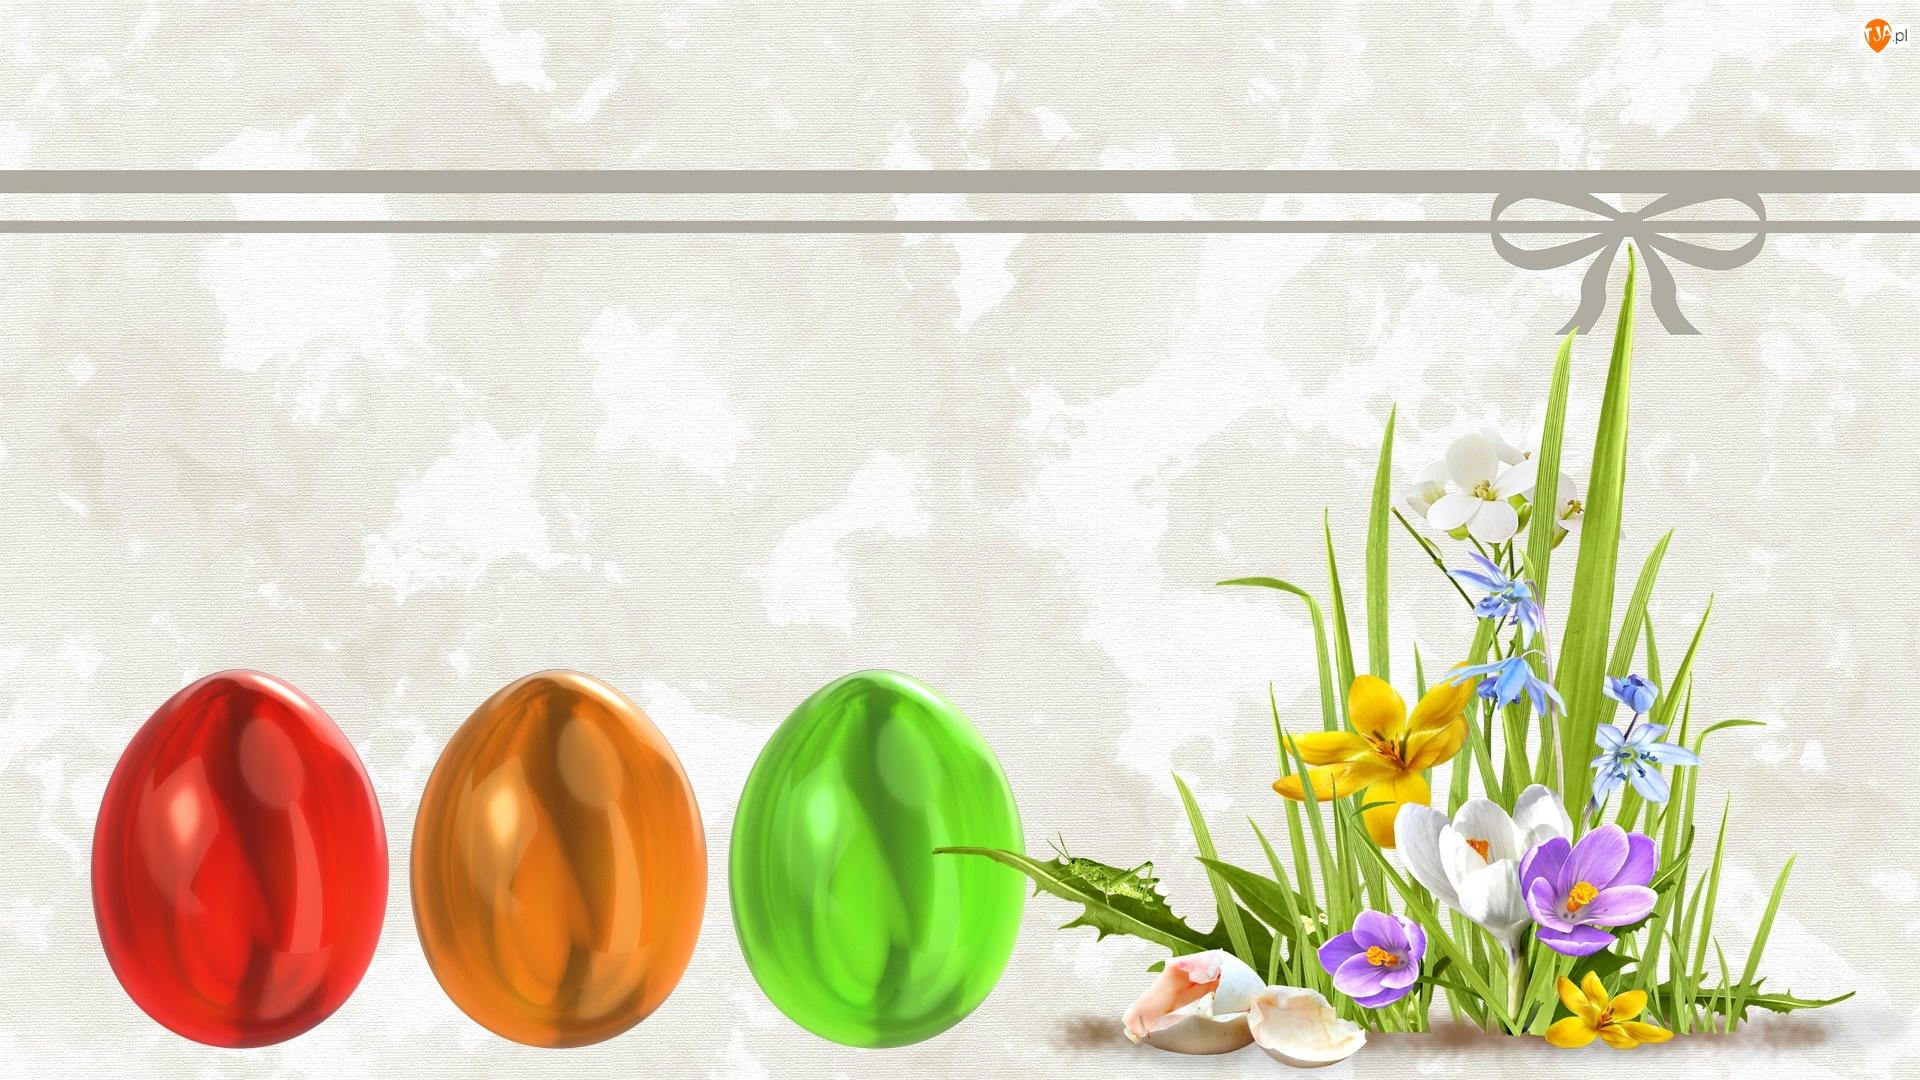 Kartka, Wielkanoc, Pisanki, Kwiaty